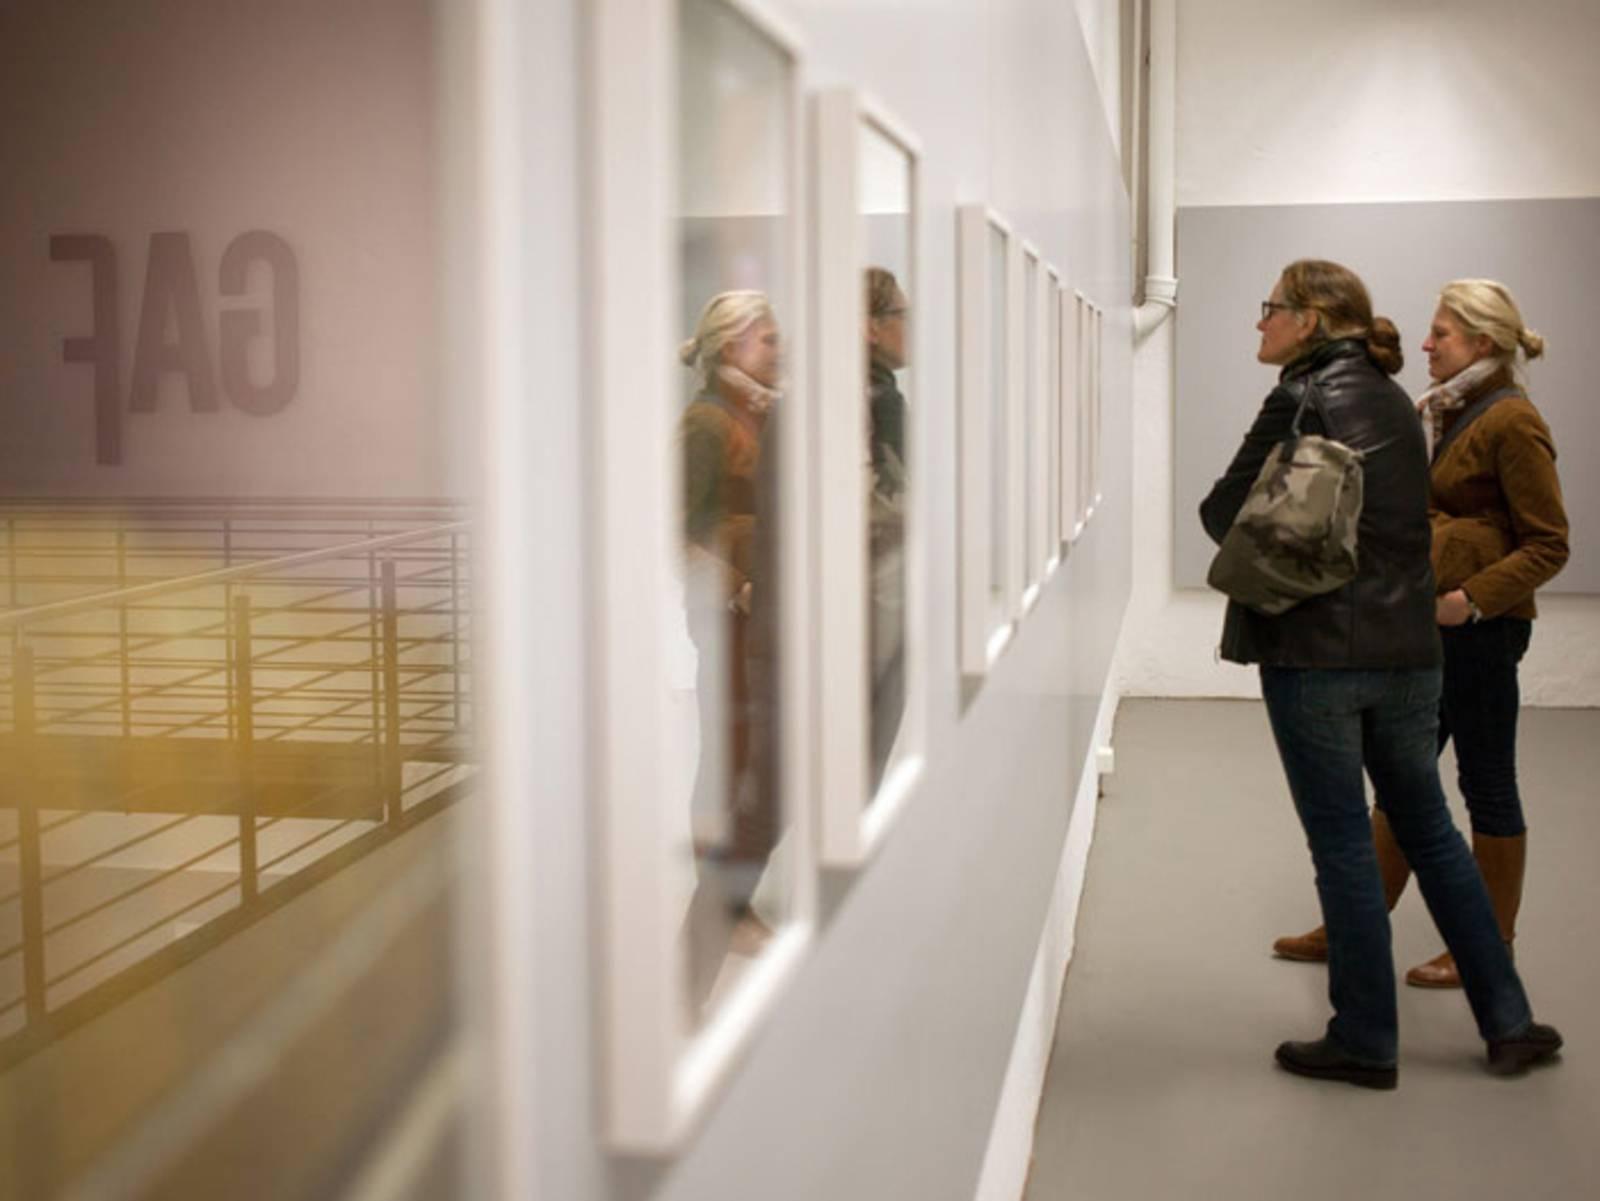 Zwei Frauen in einem Ausstellungsraum.